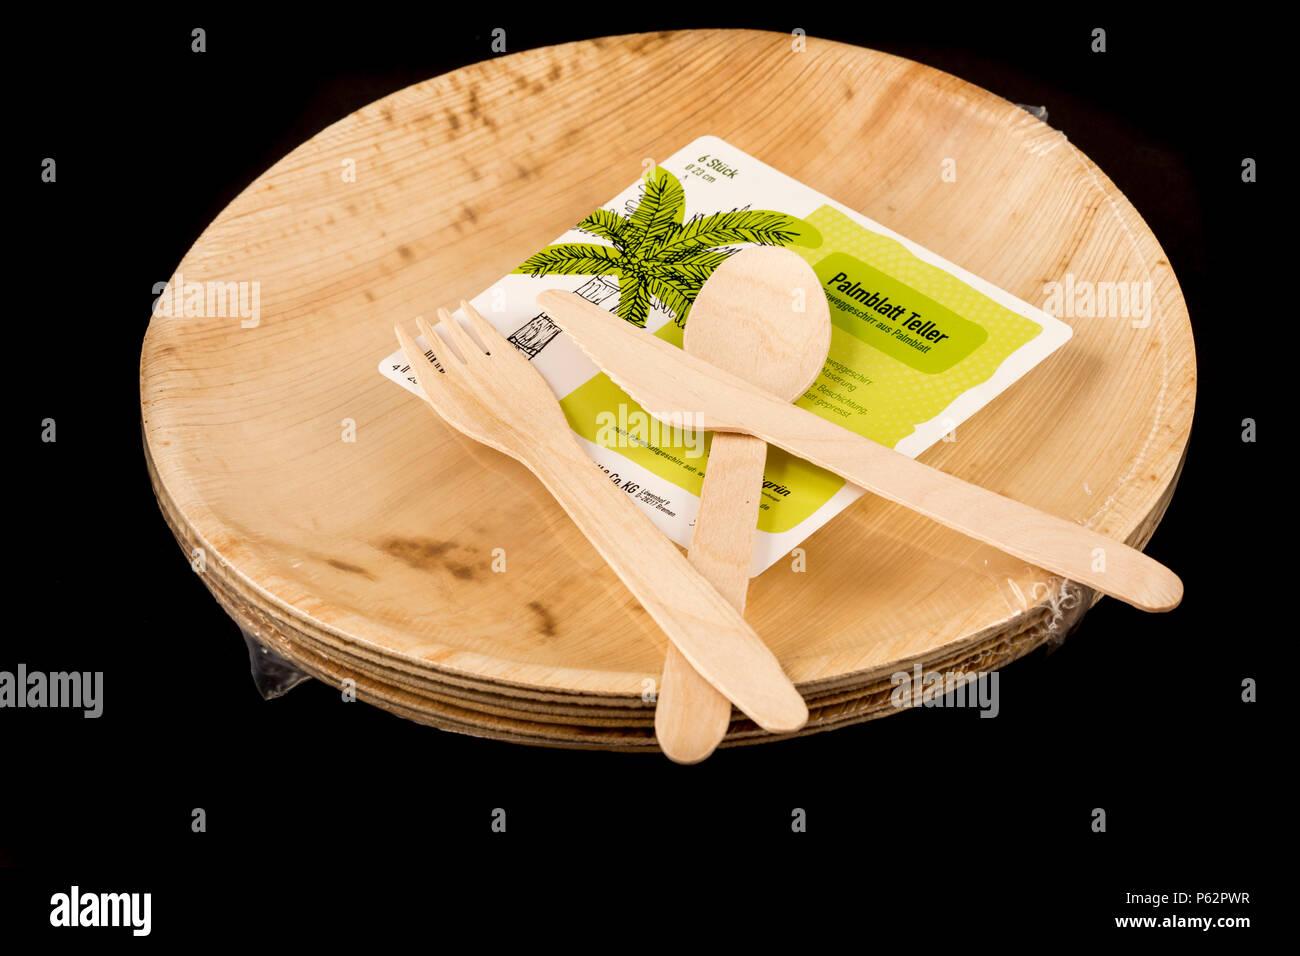 Einwegbesteck aus Holz, recyclebar, Teller, Palmblättern umweltfreundlich, aus Banque D'Images